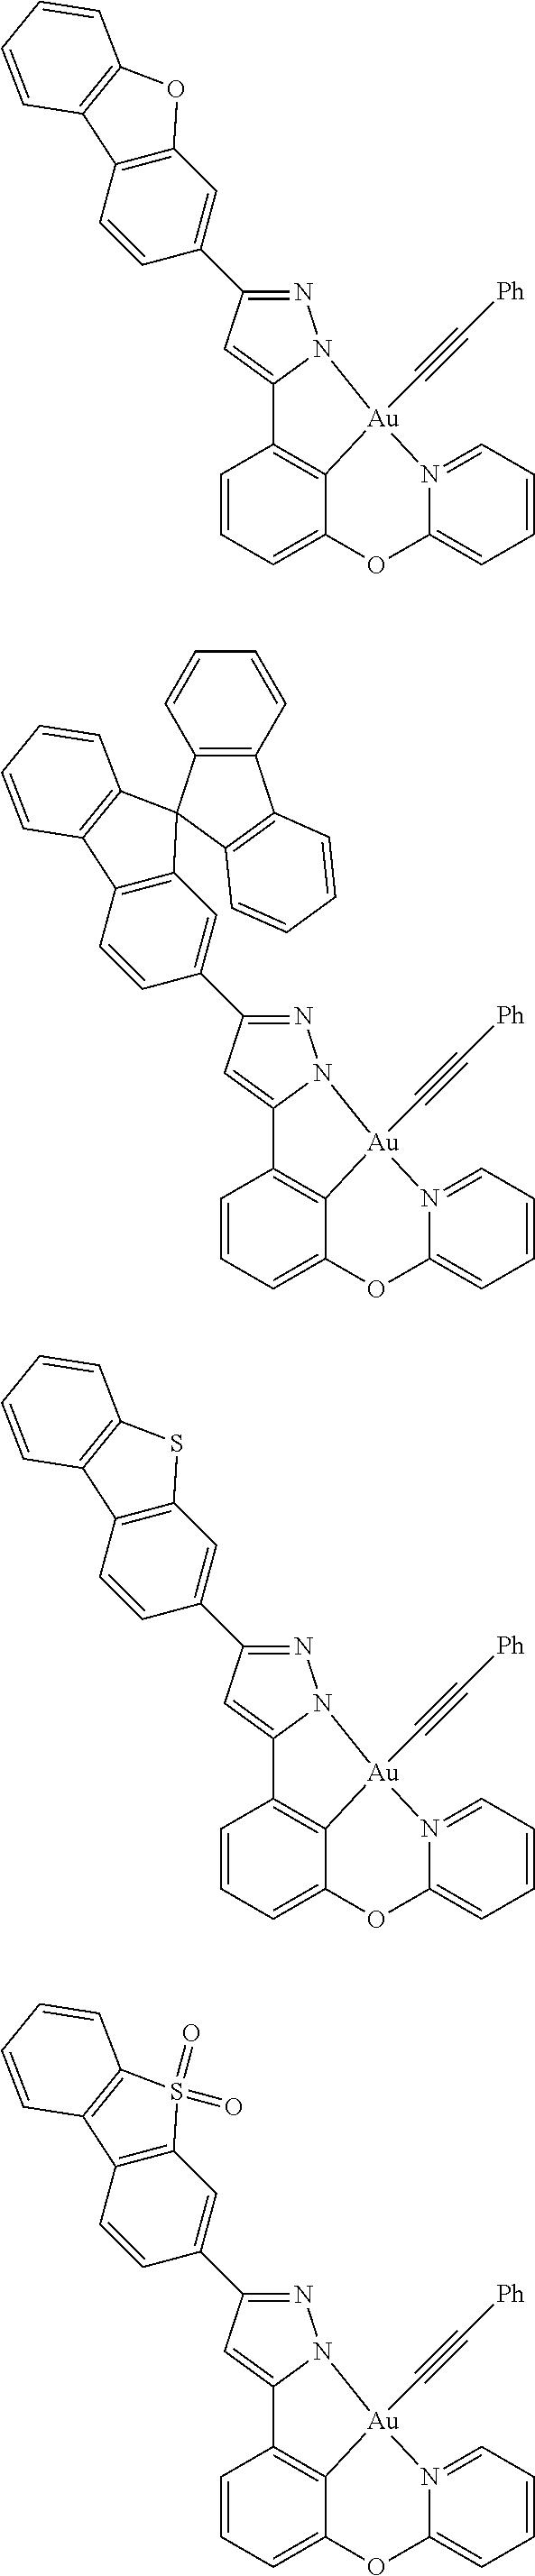 Figure US09818959-20171114-C00215